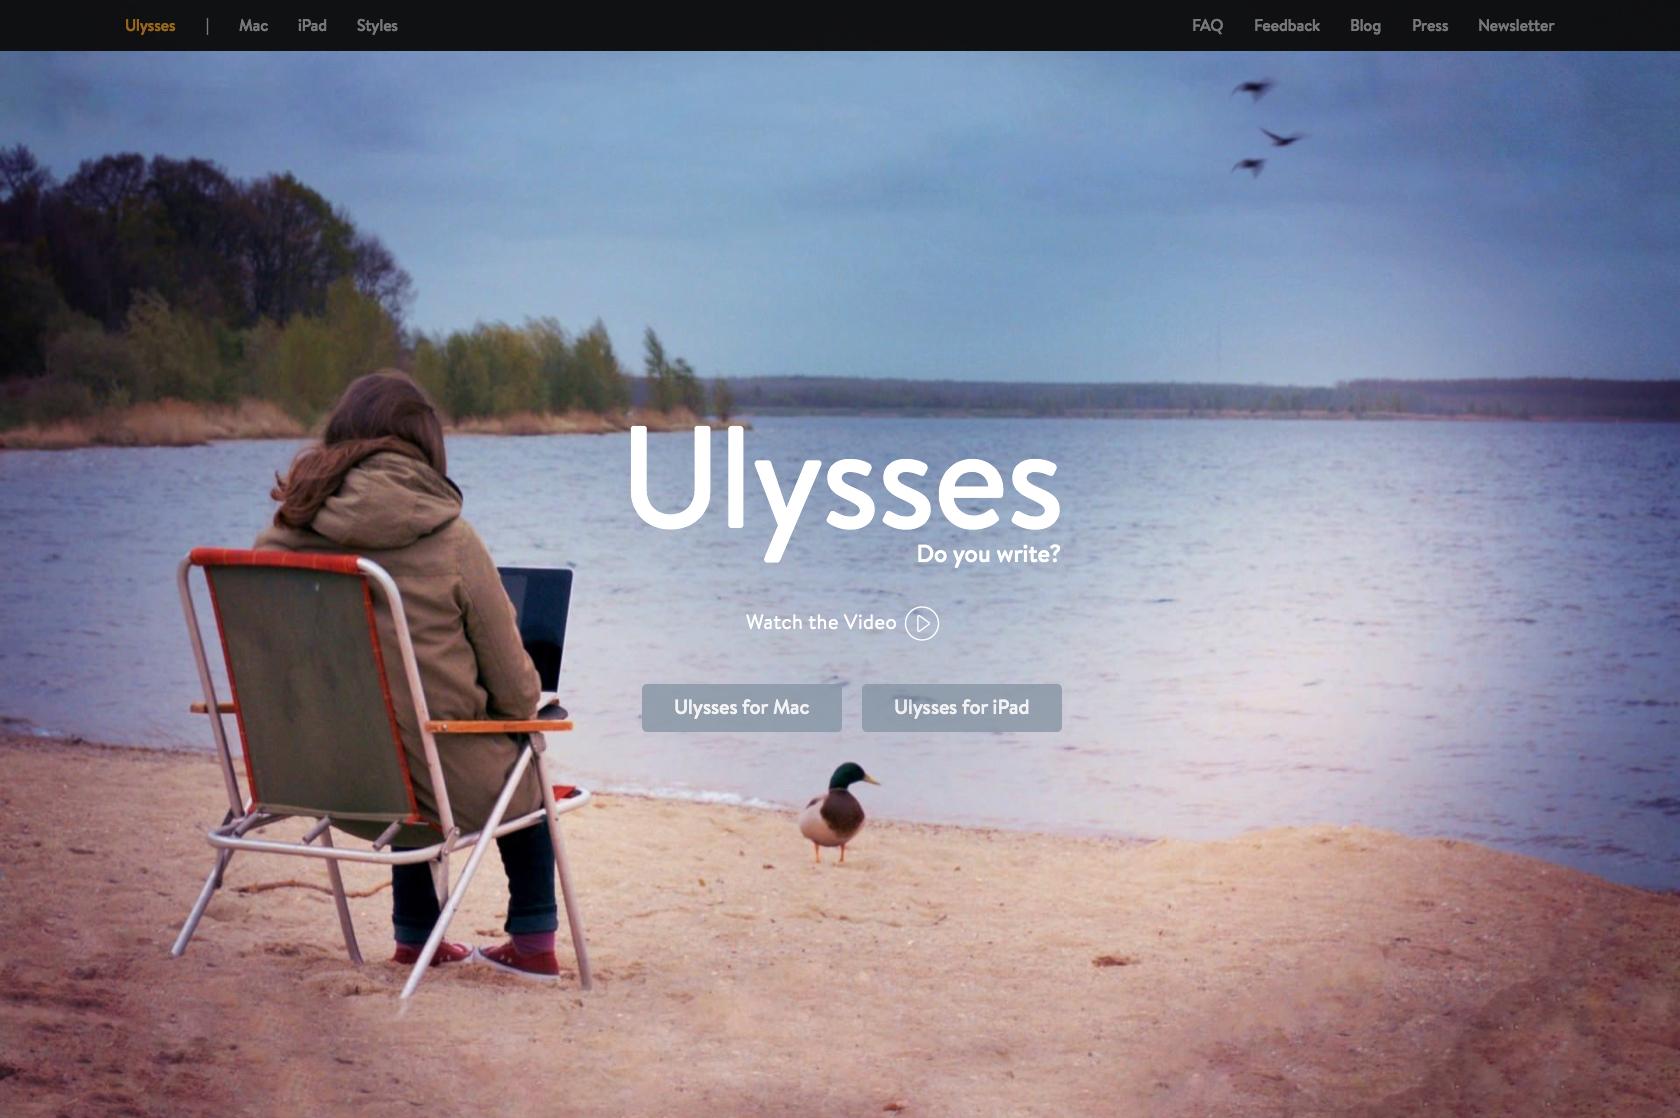 Ulyssesapp 01